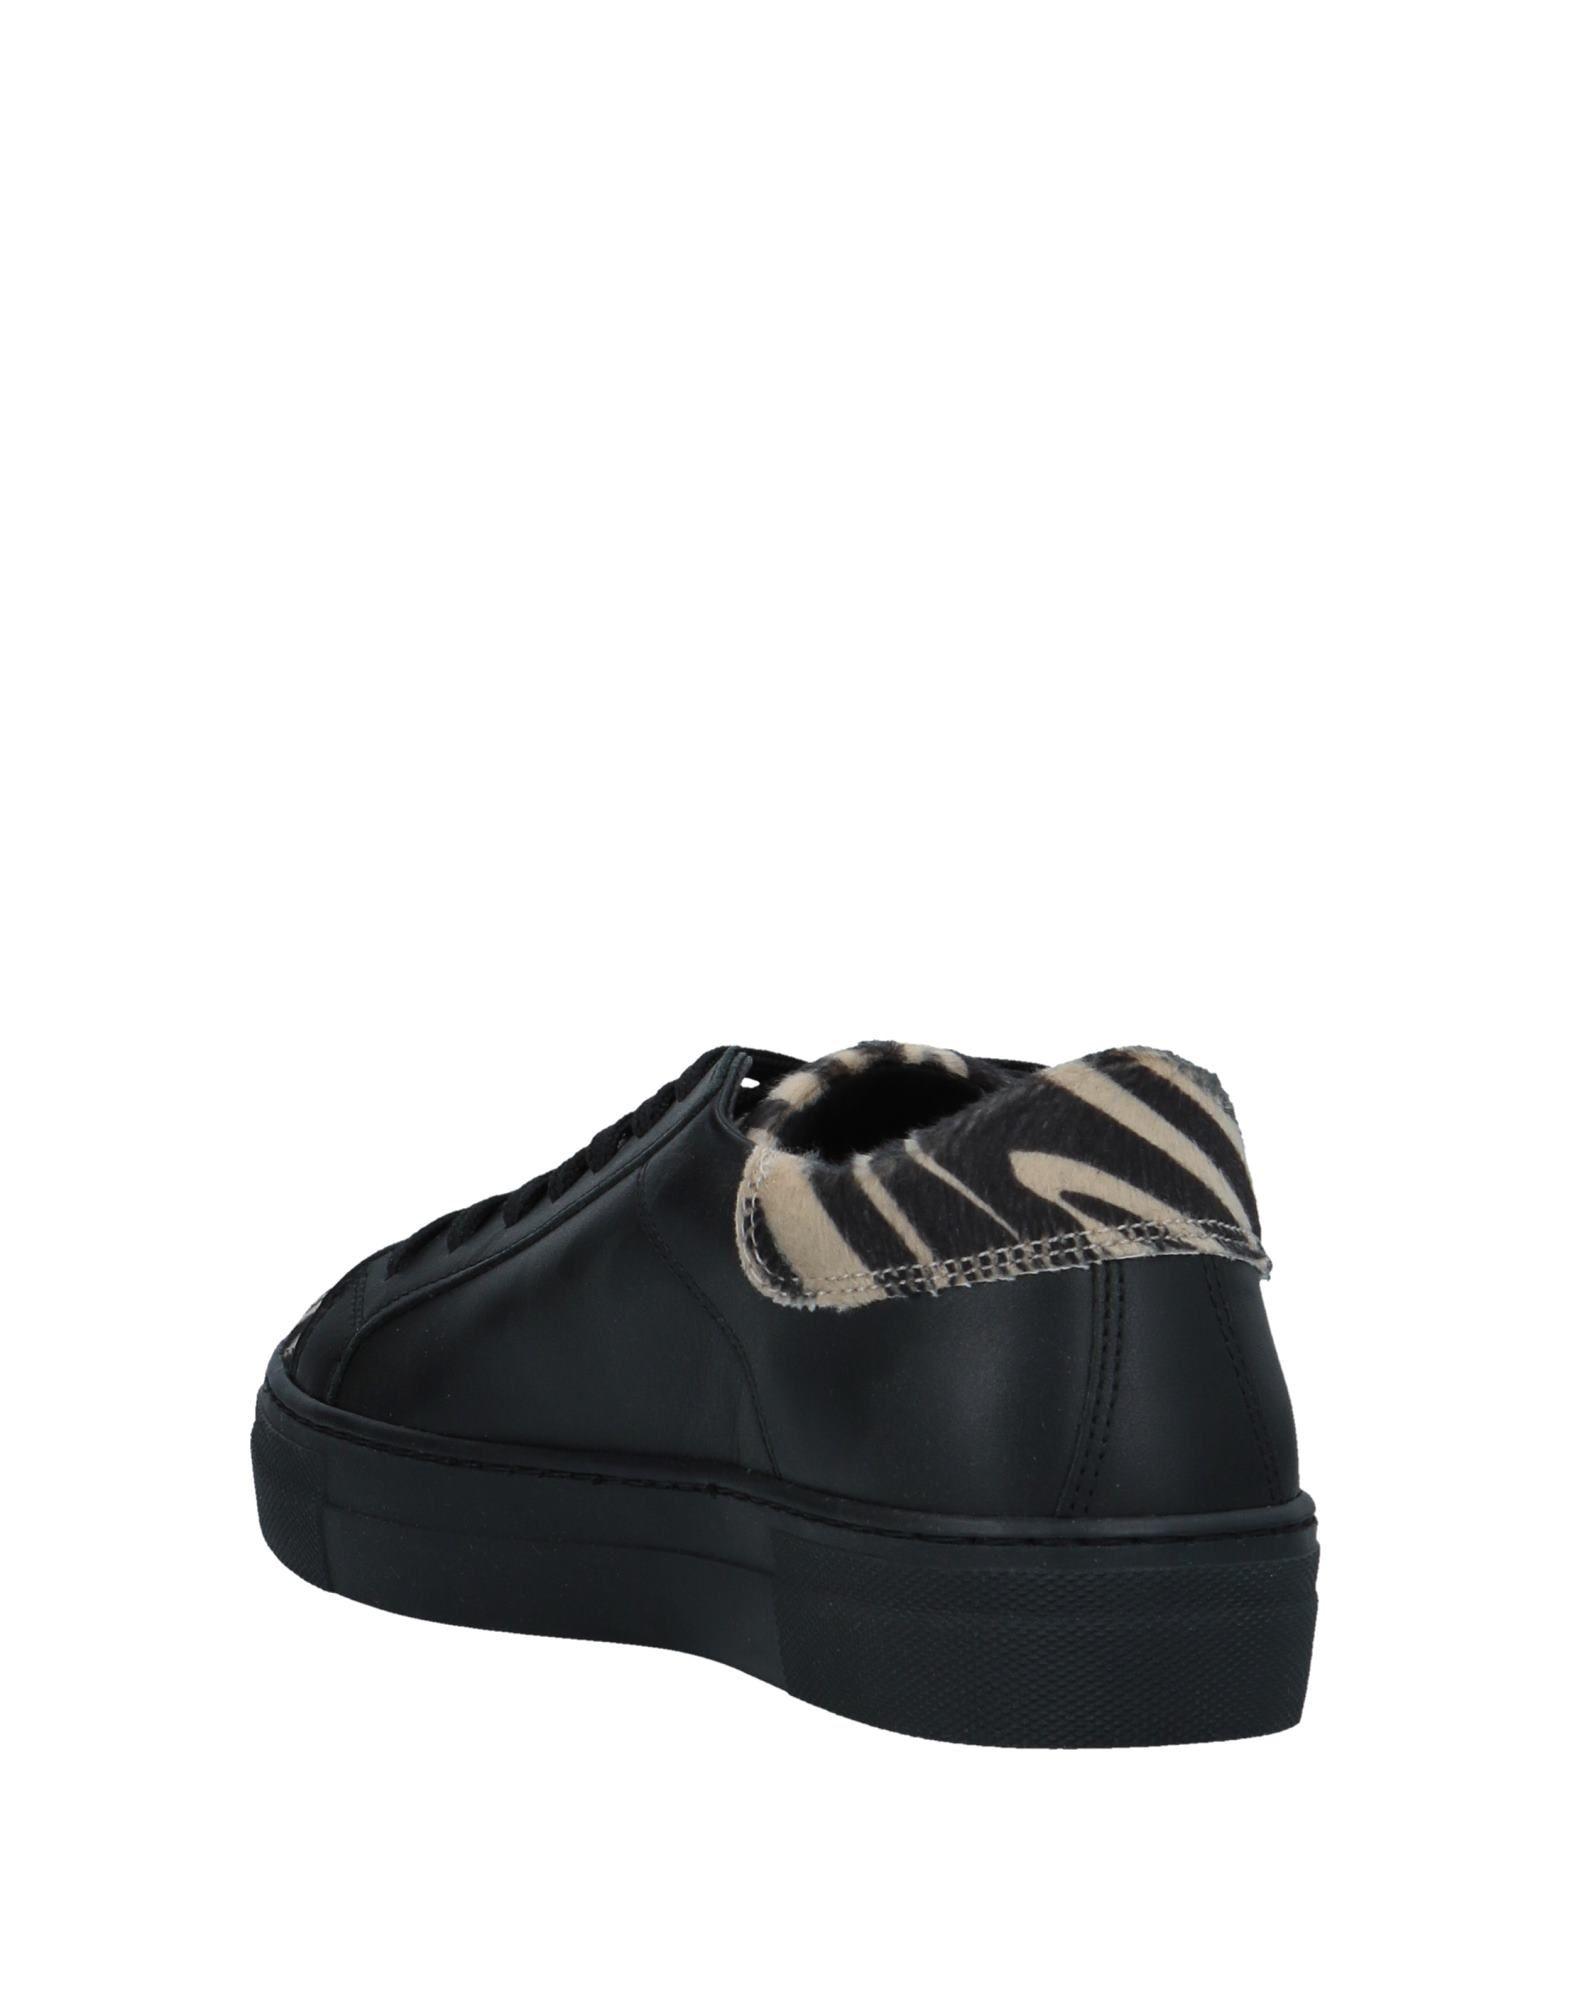 Scarpe economiche e resistenti Sneakers Womsh Donna - 11508650TH